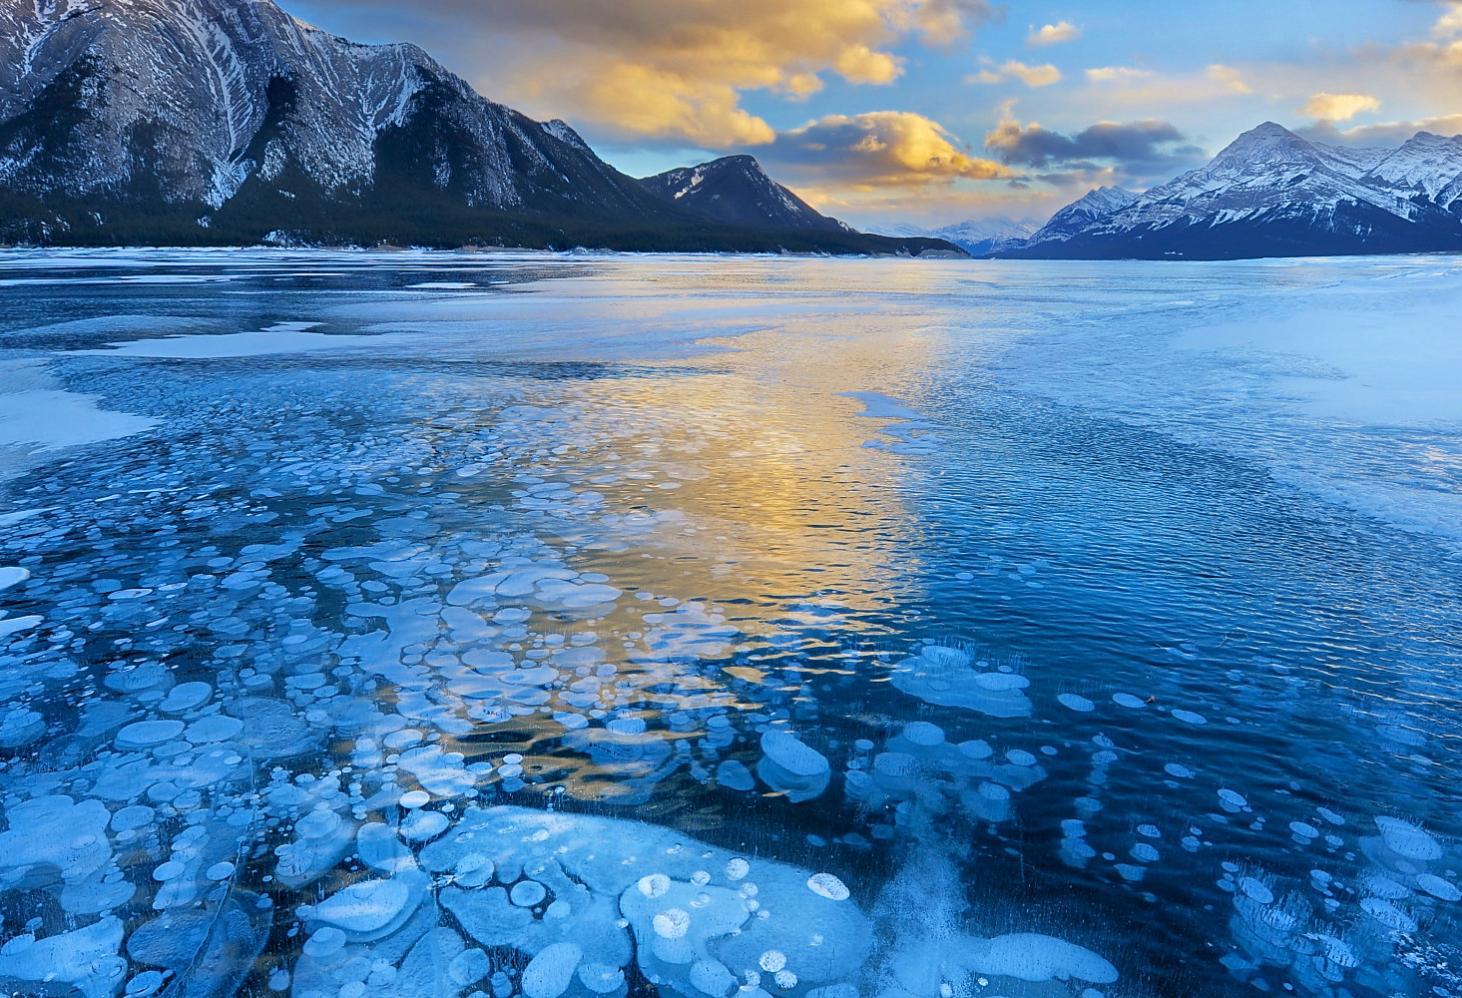 Озеро Абрахам (Abraham Lake), Канада, провинция Альберта